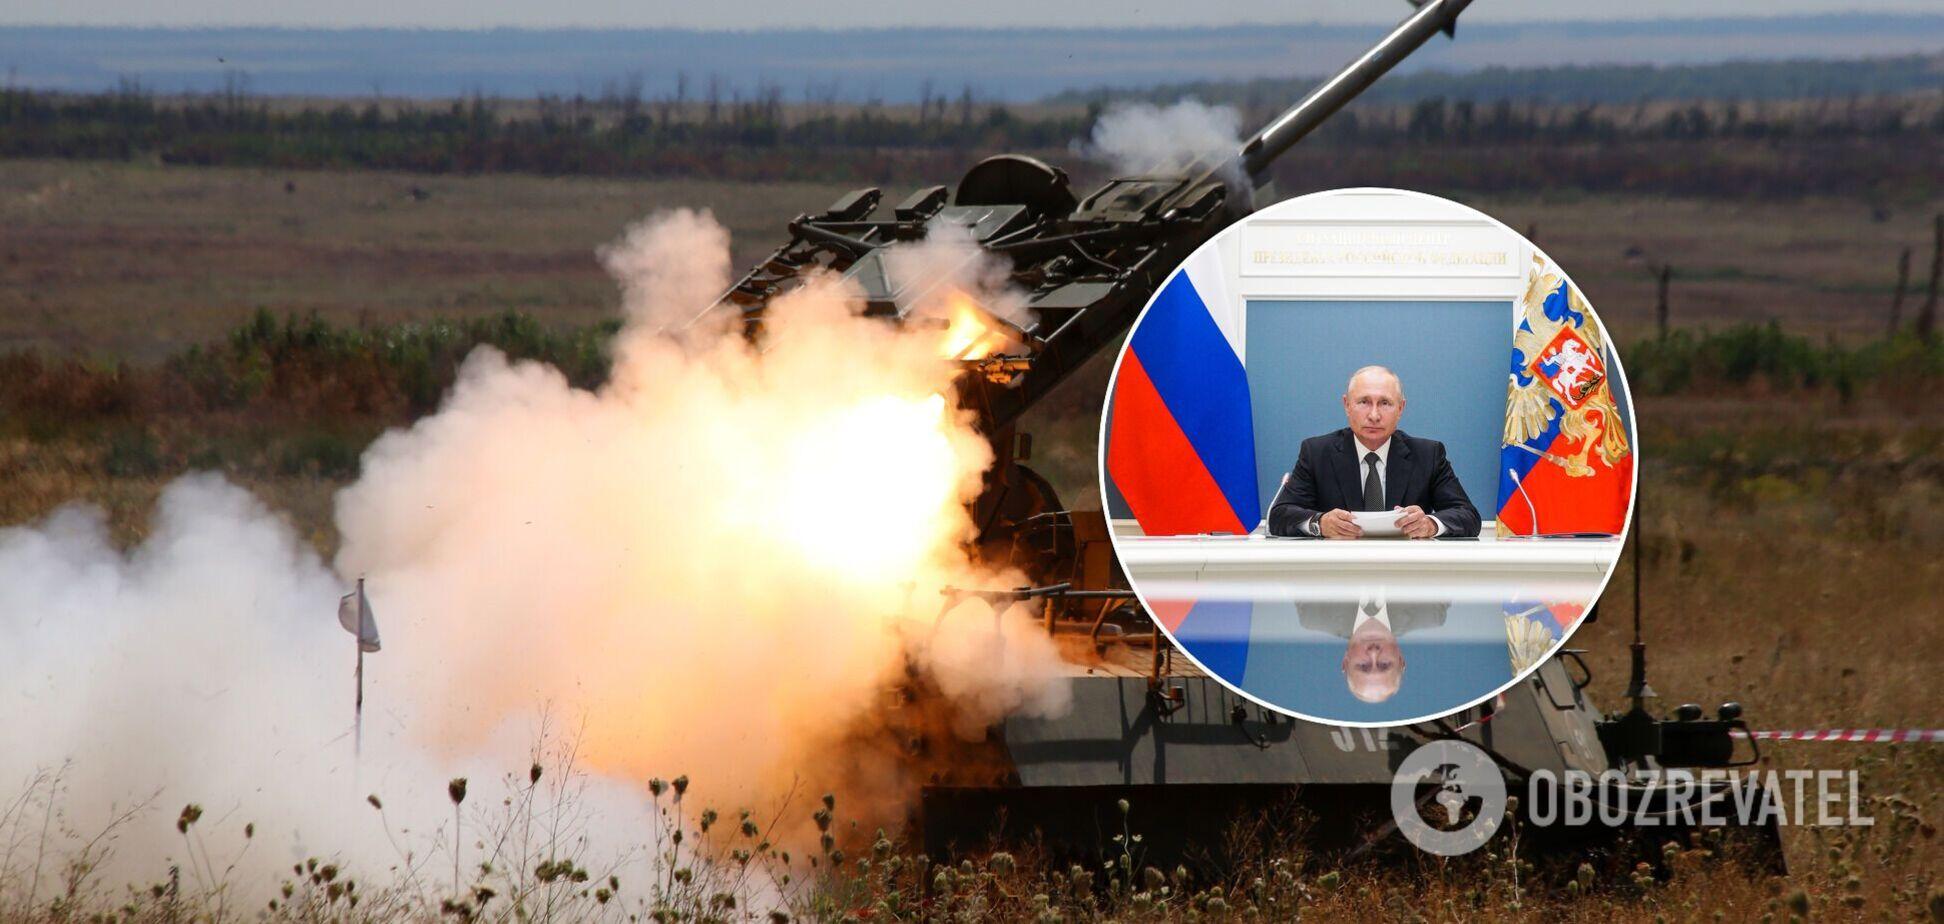 Пряме вторгнення в Україну прискорить падіння режиму Путіна, – Яковенко